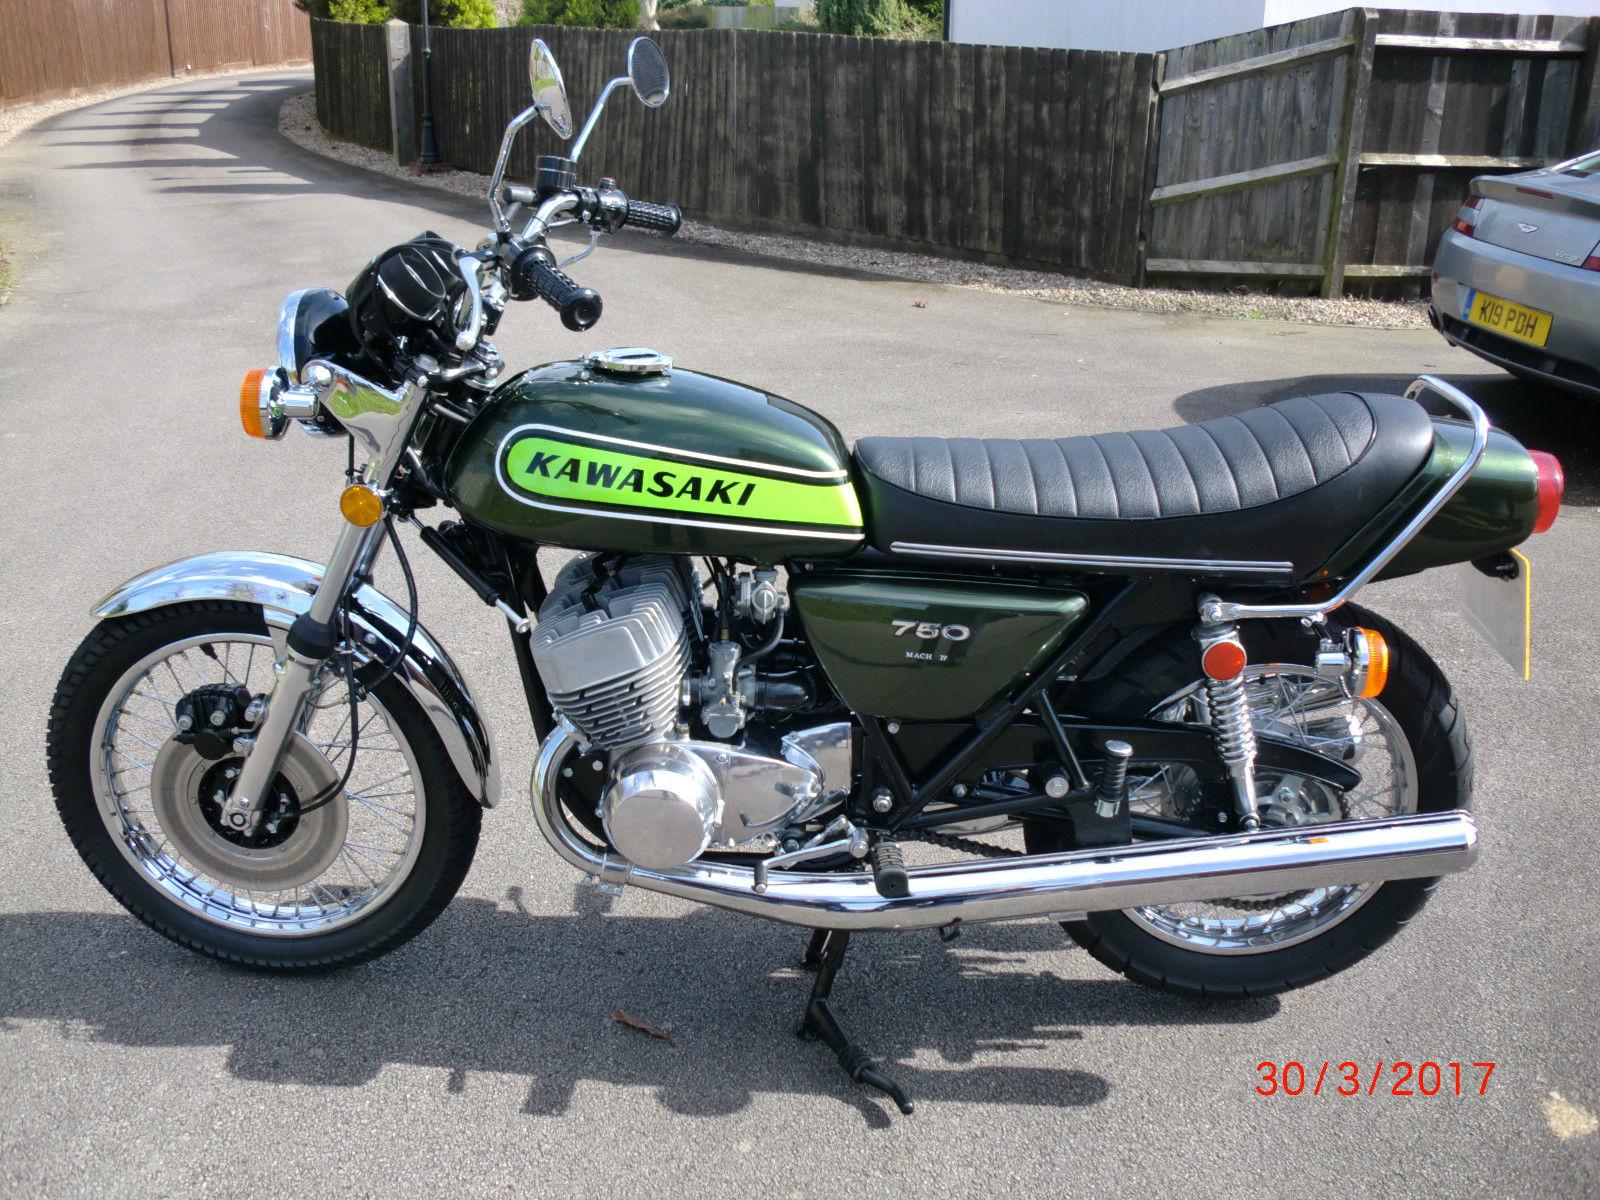 restored kawasaki h2 750 1974 photographs at classic bikes restored bikes restored. Black Bedroom Furniture Sets. Home Design Ideas